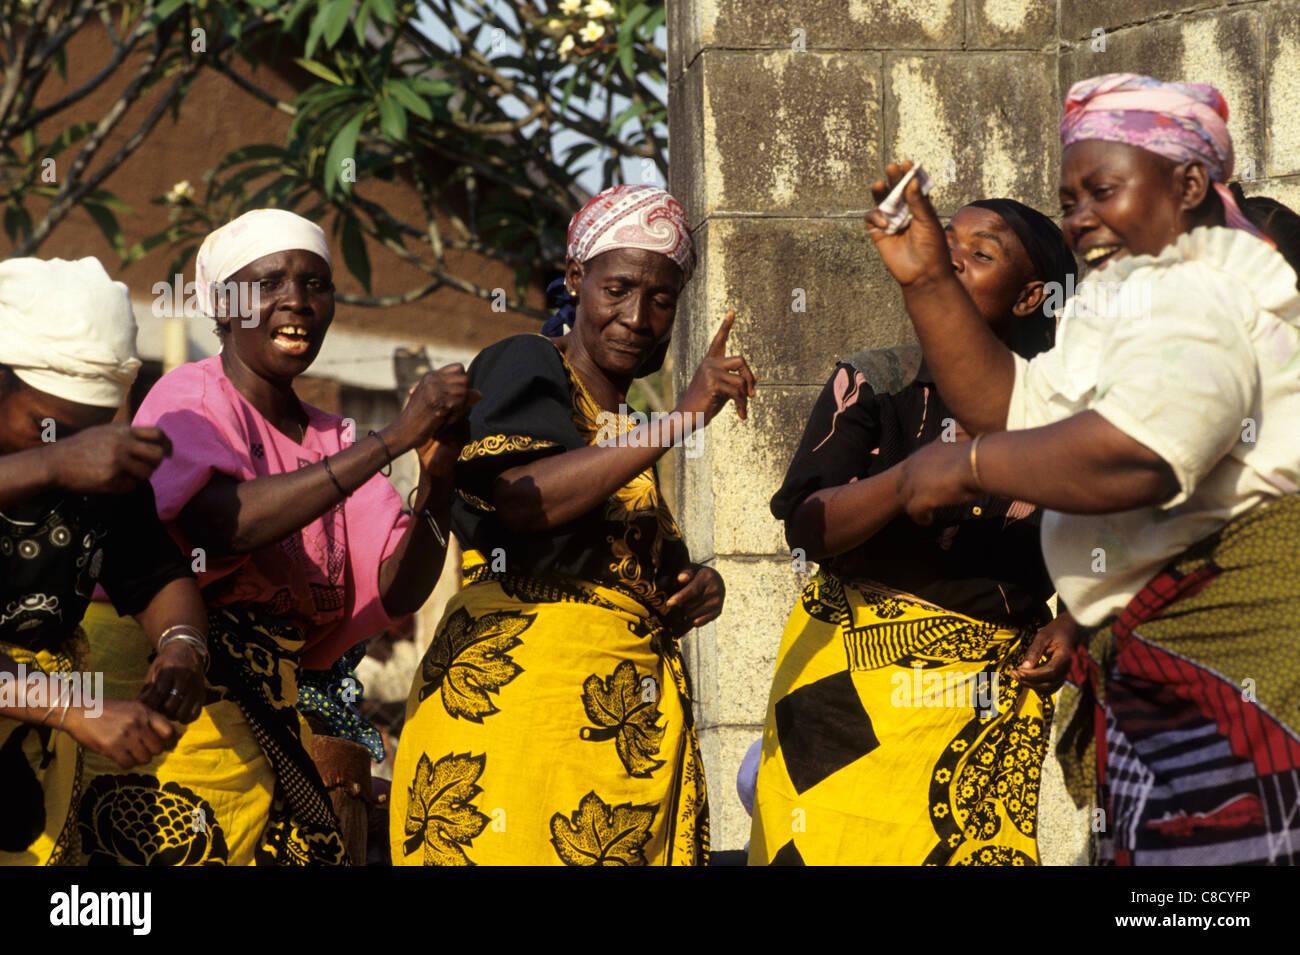 Luba People